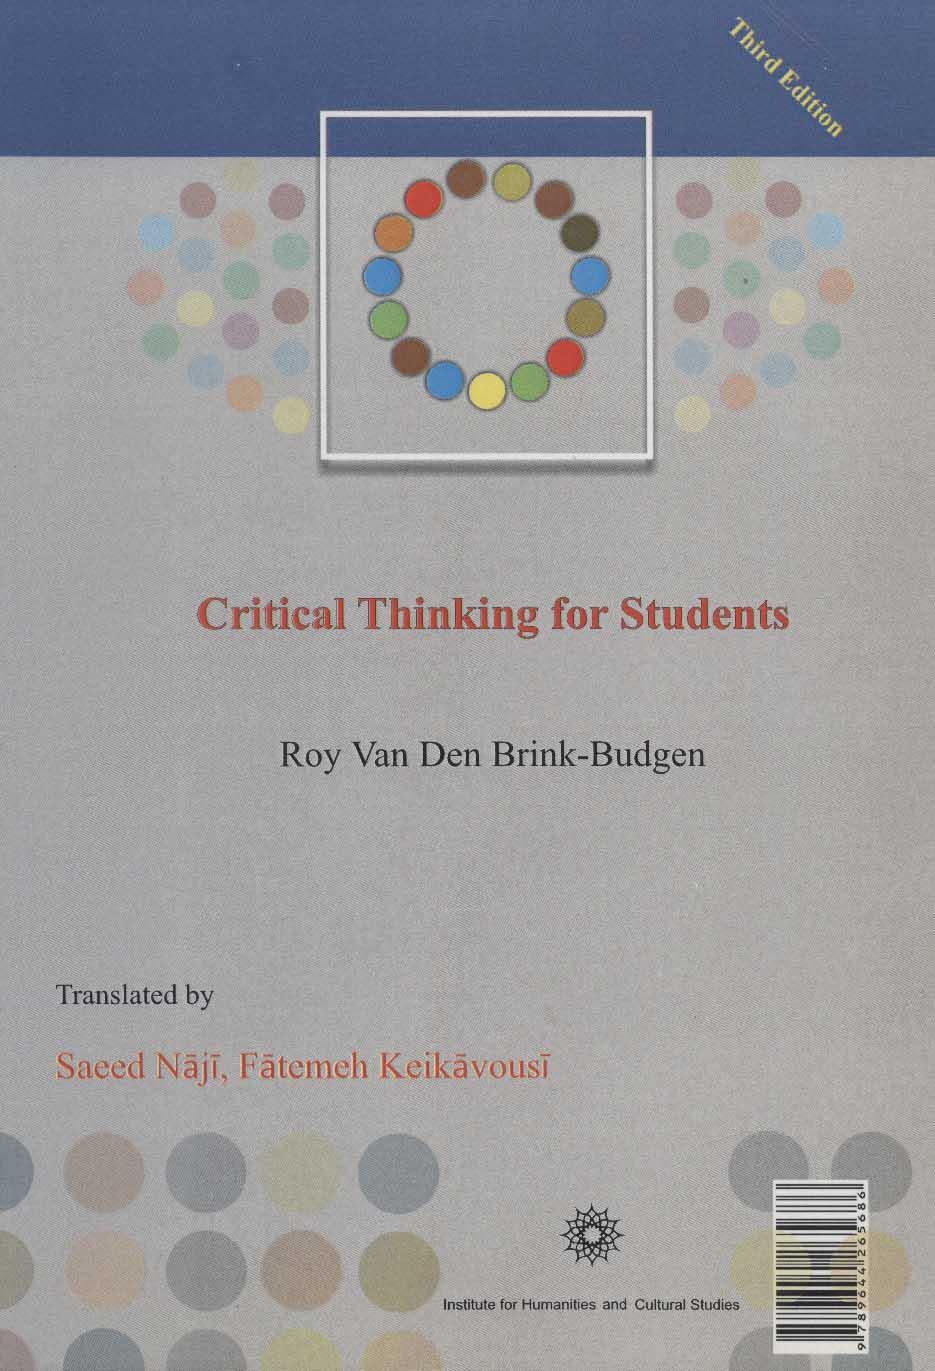 تفکر انتقادی در کلاس درس (راهنمای دانش آموزان و دانشجویان)